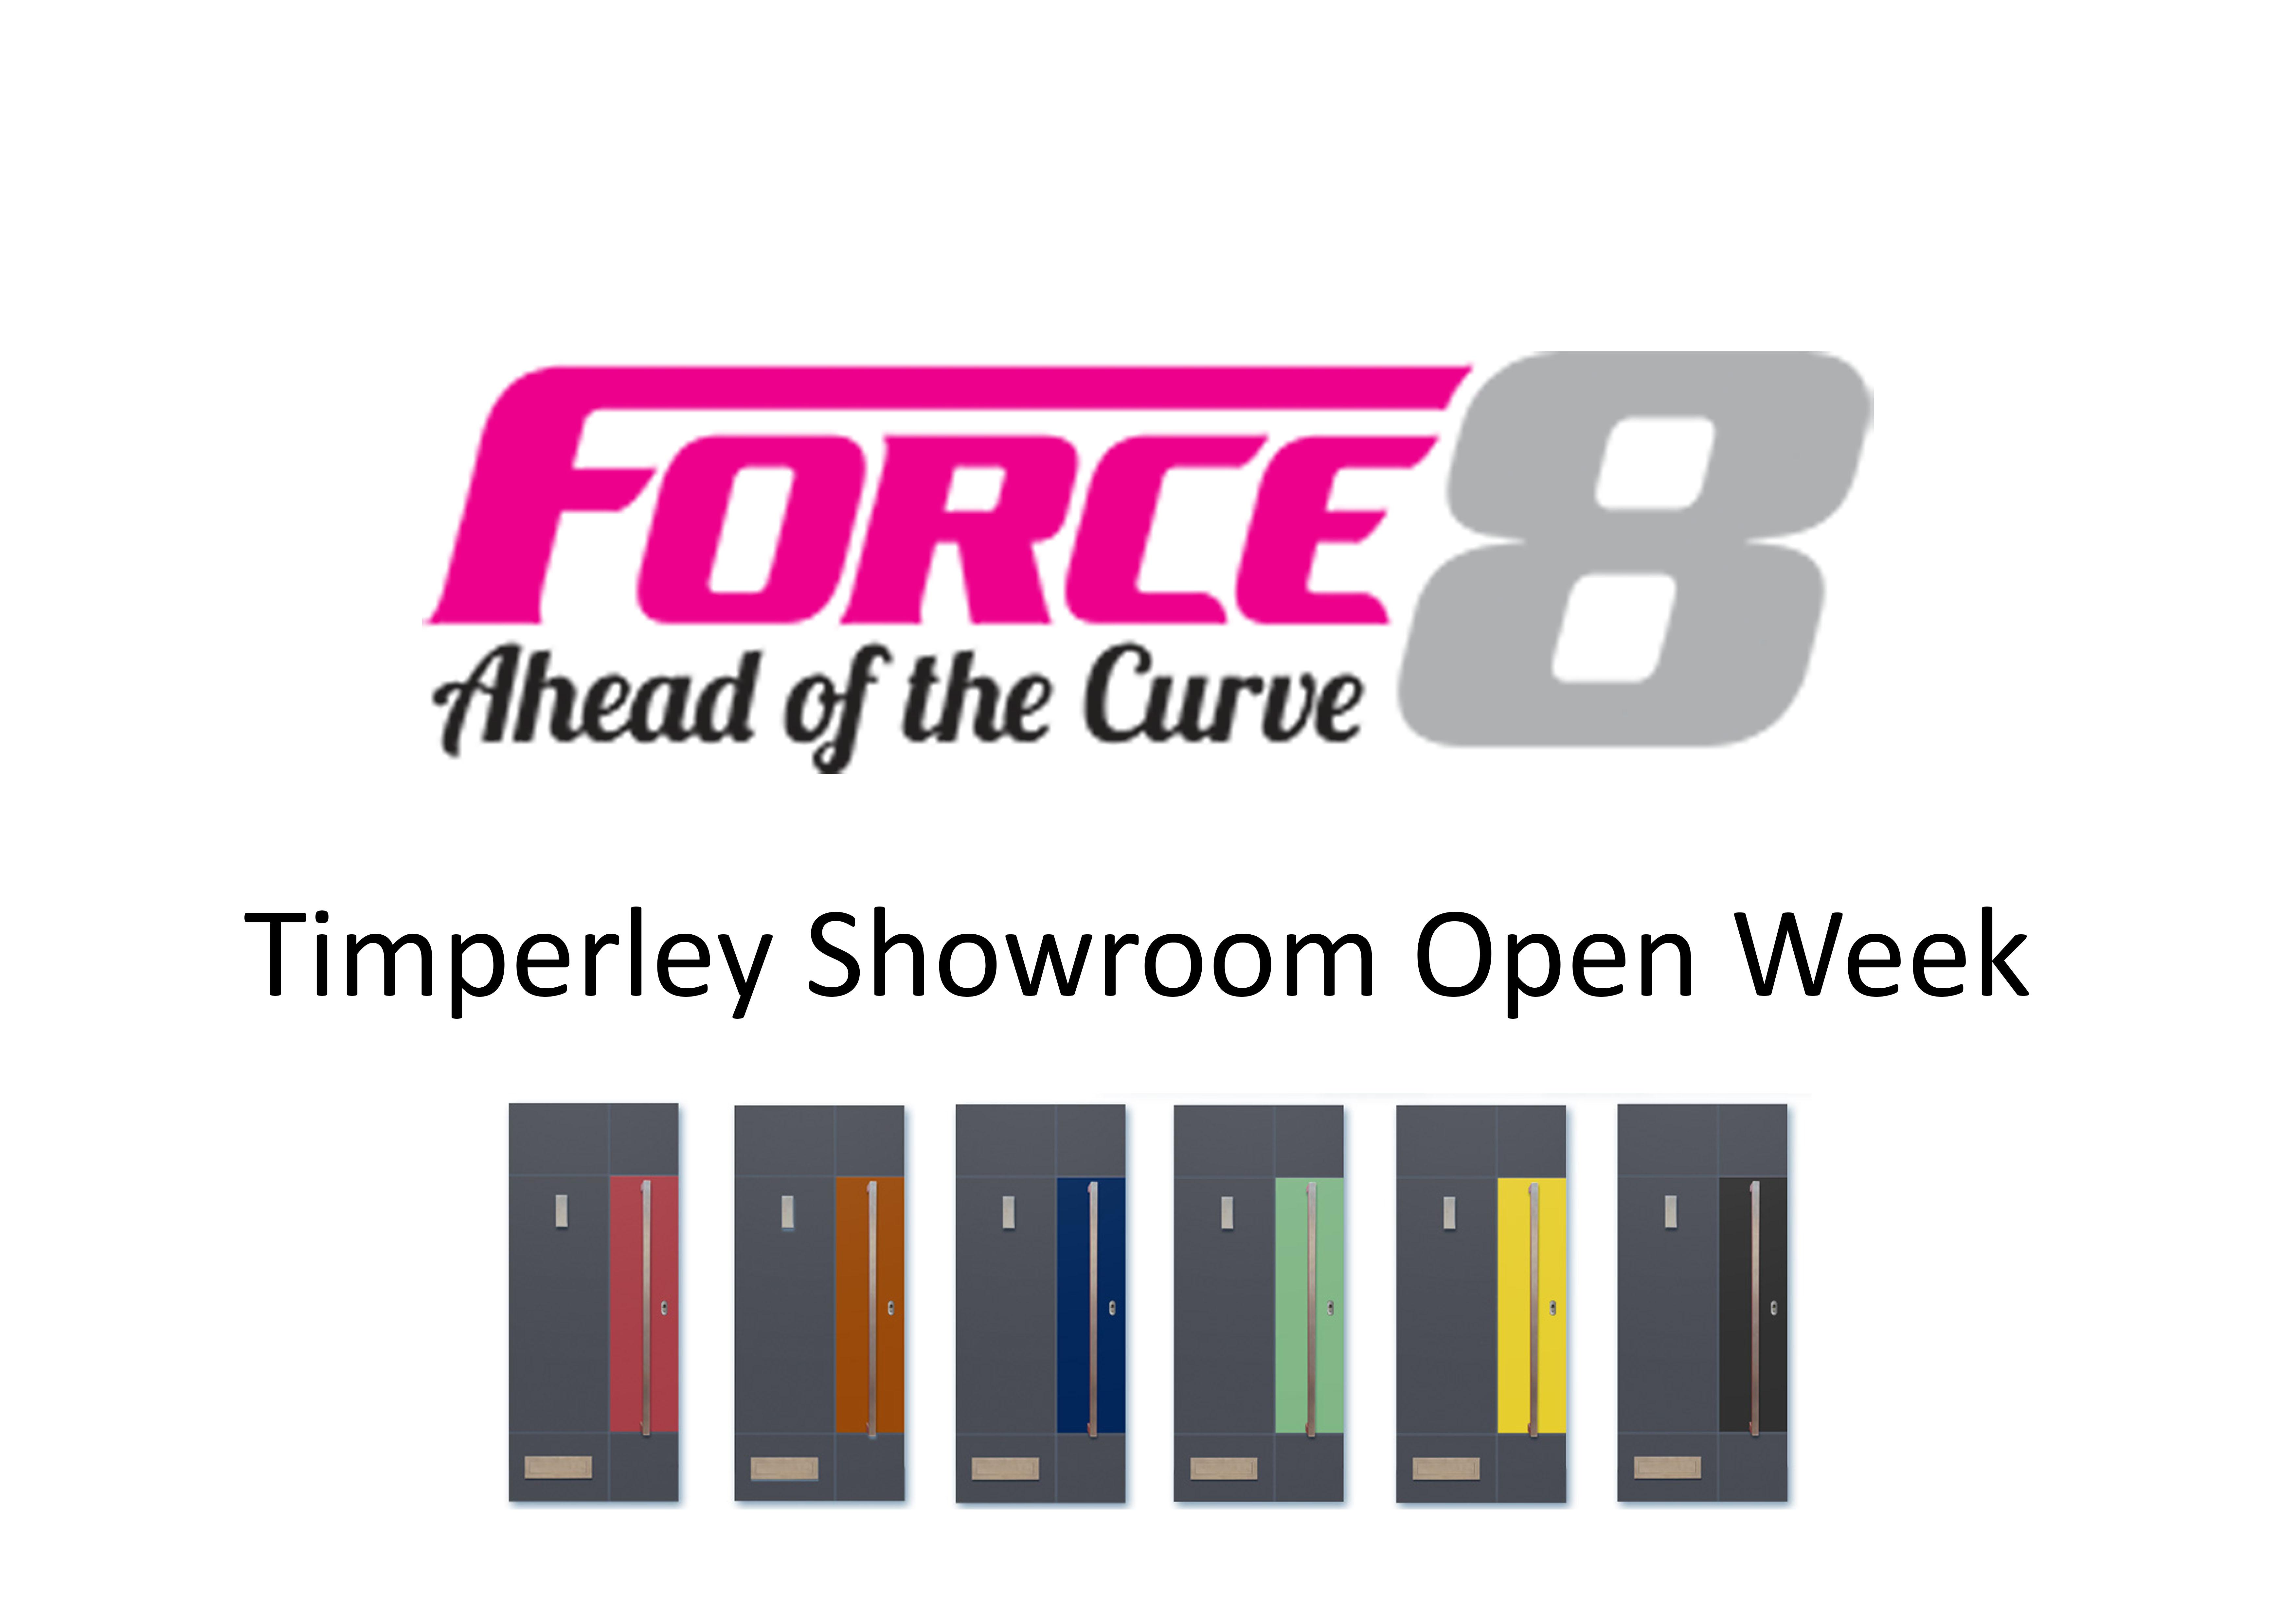 Timperley Showroom Open Week